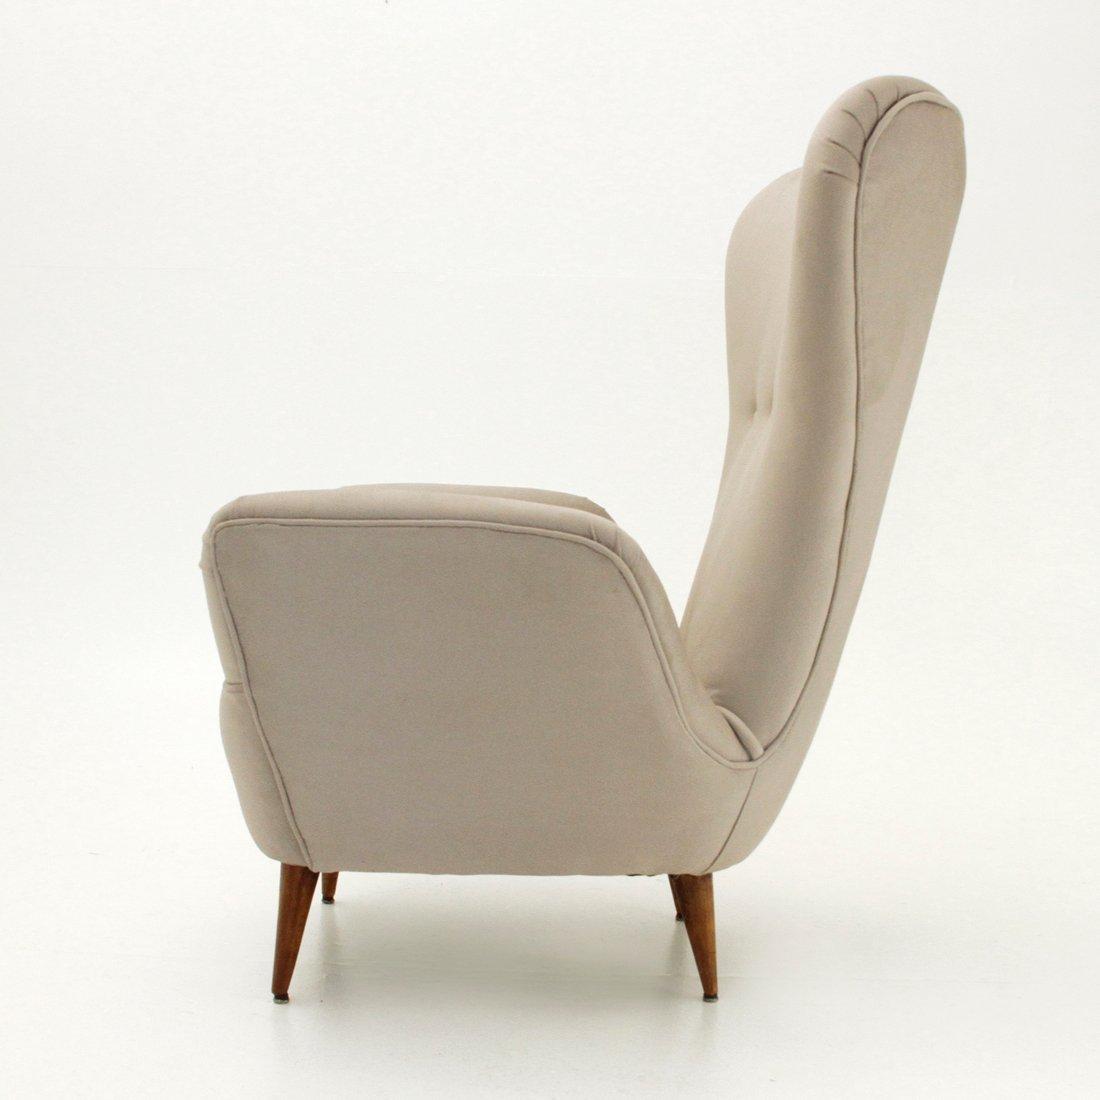 italienischer sessel mit hoher r ckenlehne und konischen. Black Bedroom Furniture Sets. Home Design Ideas